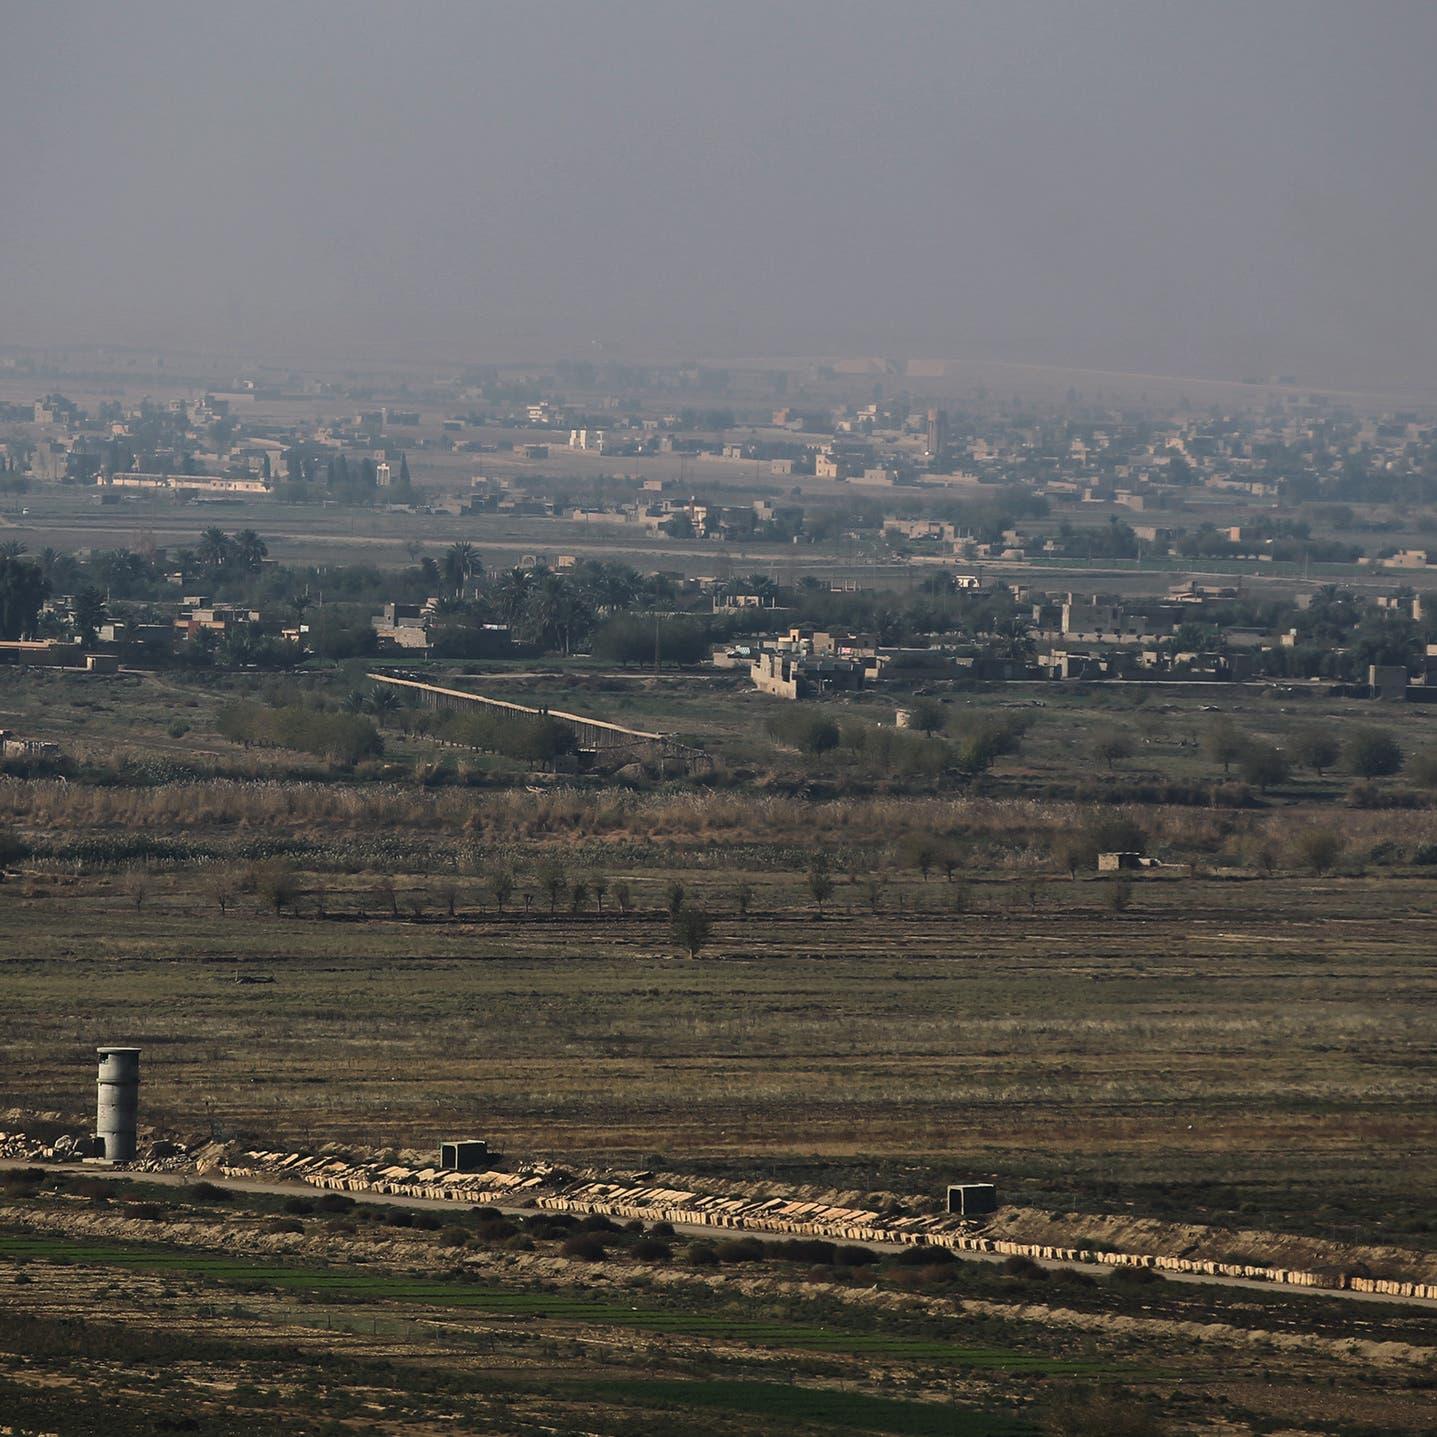 مسيرة مجهولة تستهدف مواقع لميليشيا إيرانية في دير الزور